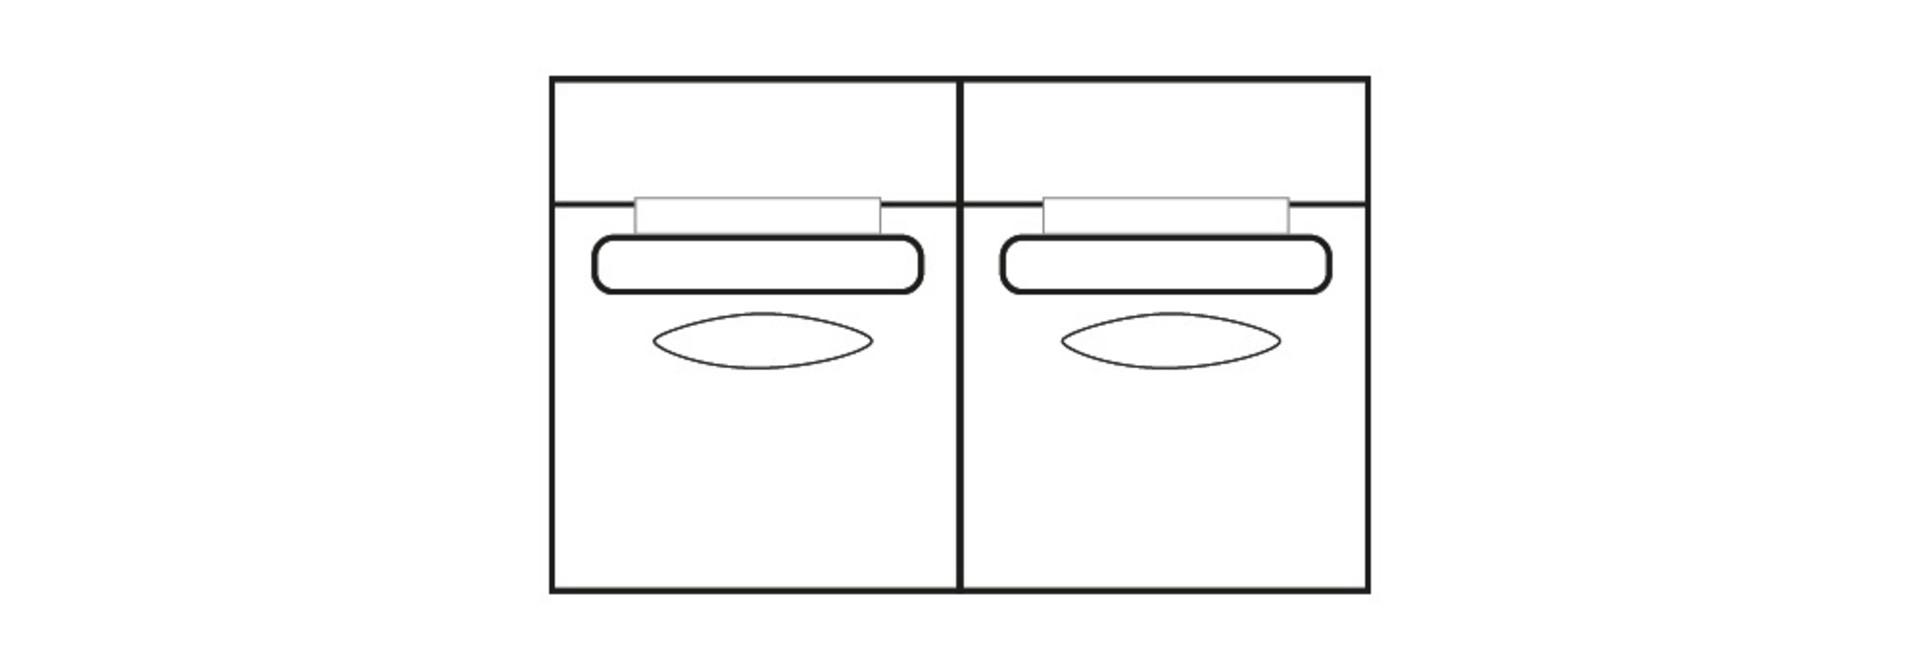 ELEGANT PARK 2-zits L (zonder armen)